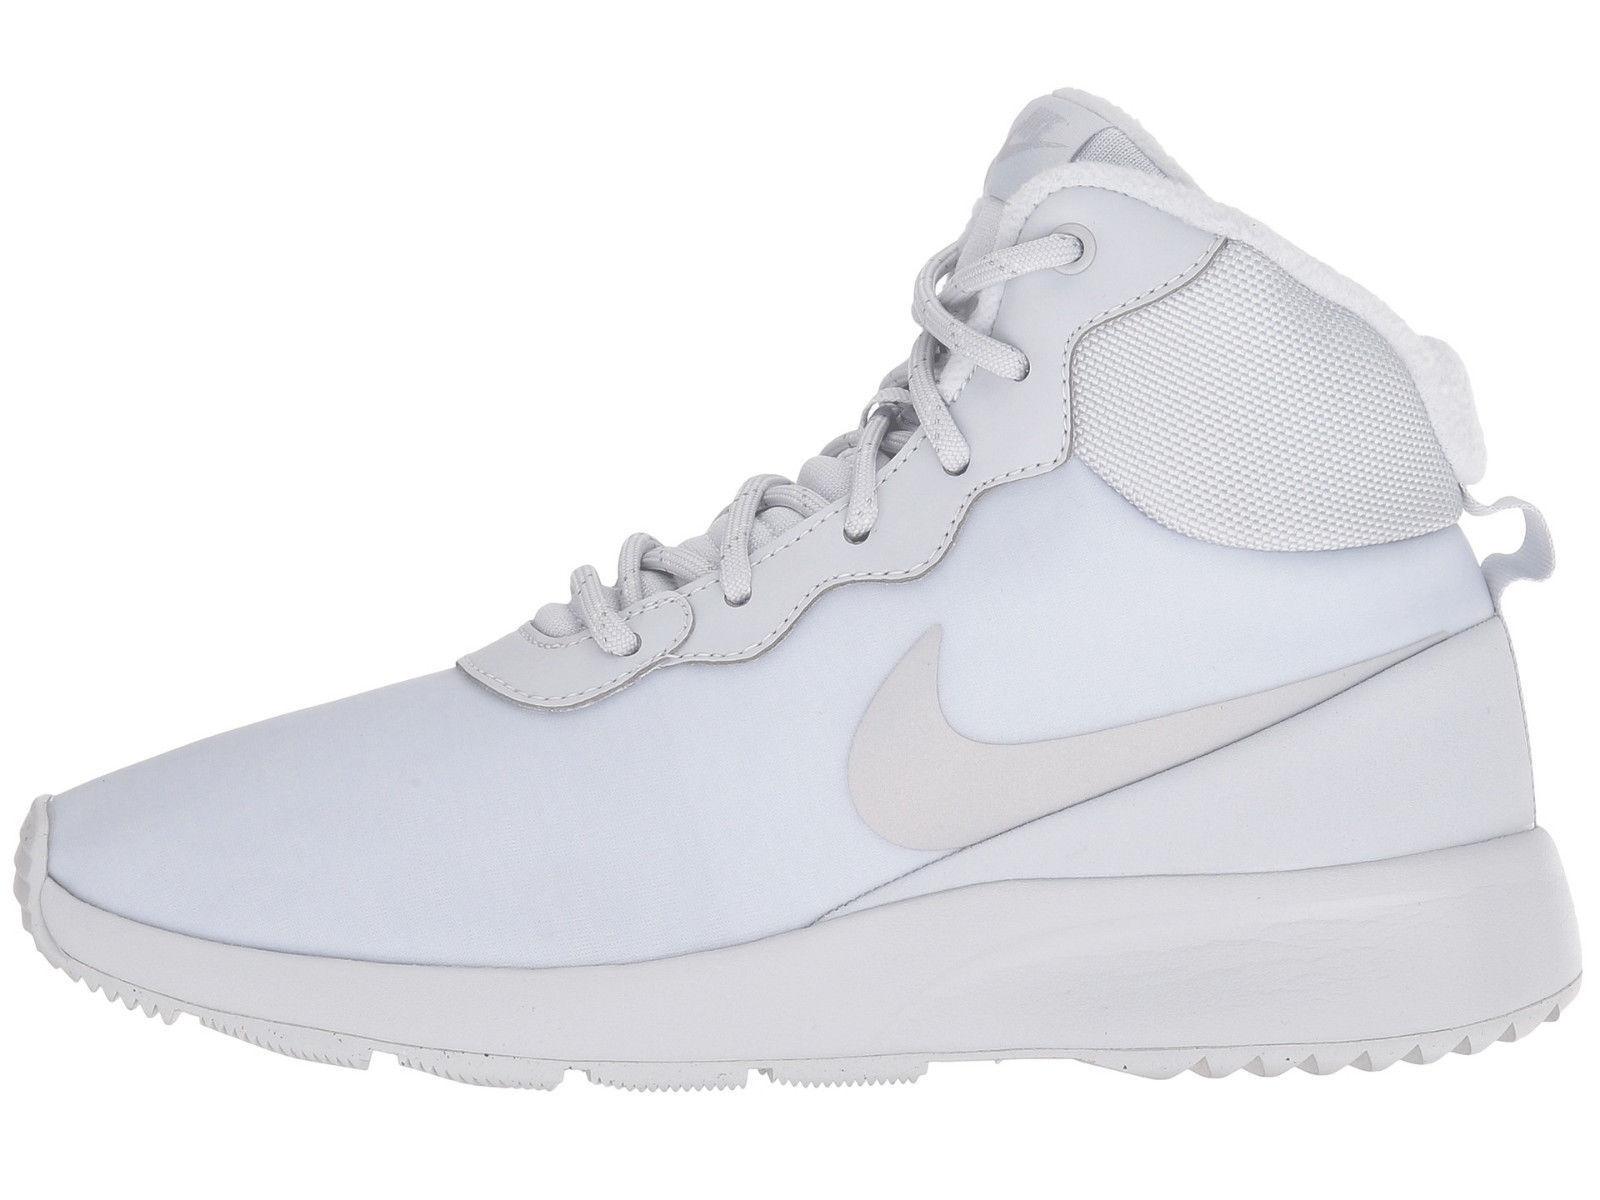 Nike Tanjun High Winter Women's Shoes 861672 100 Size 8 NEW